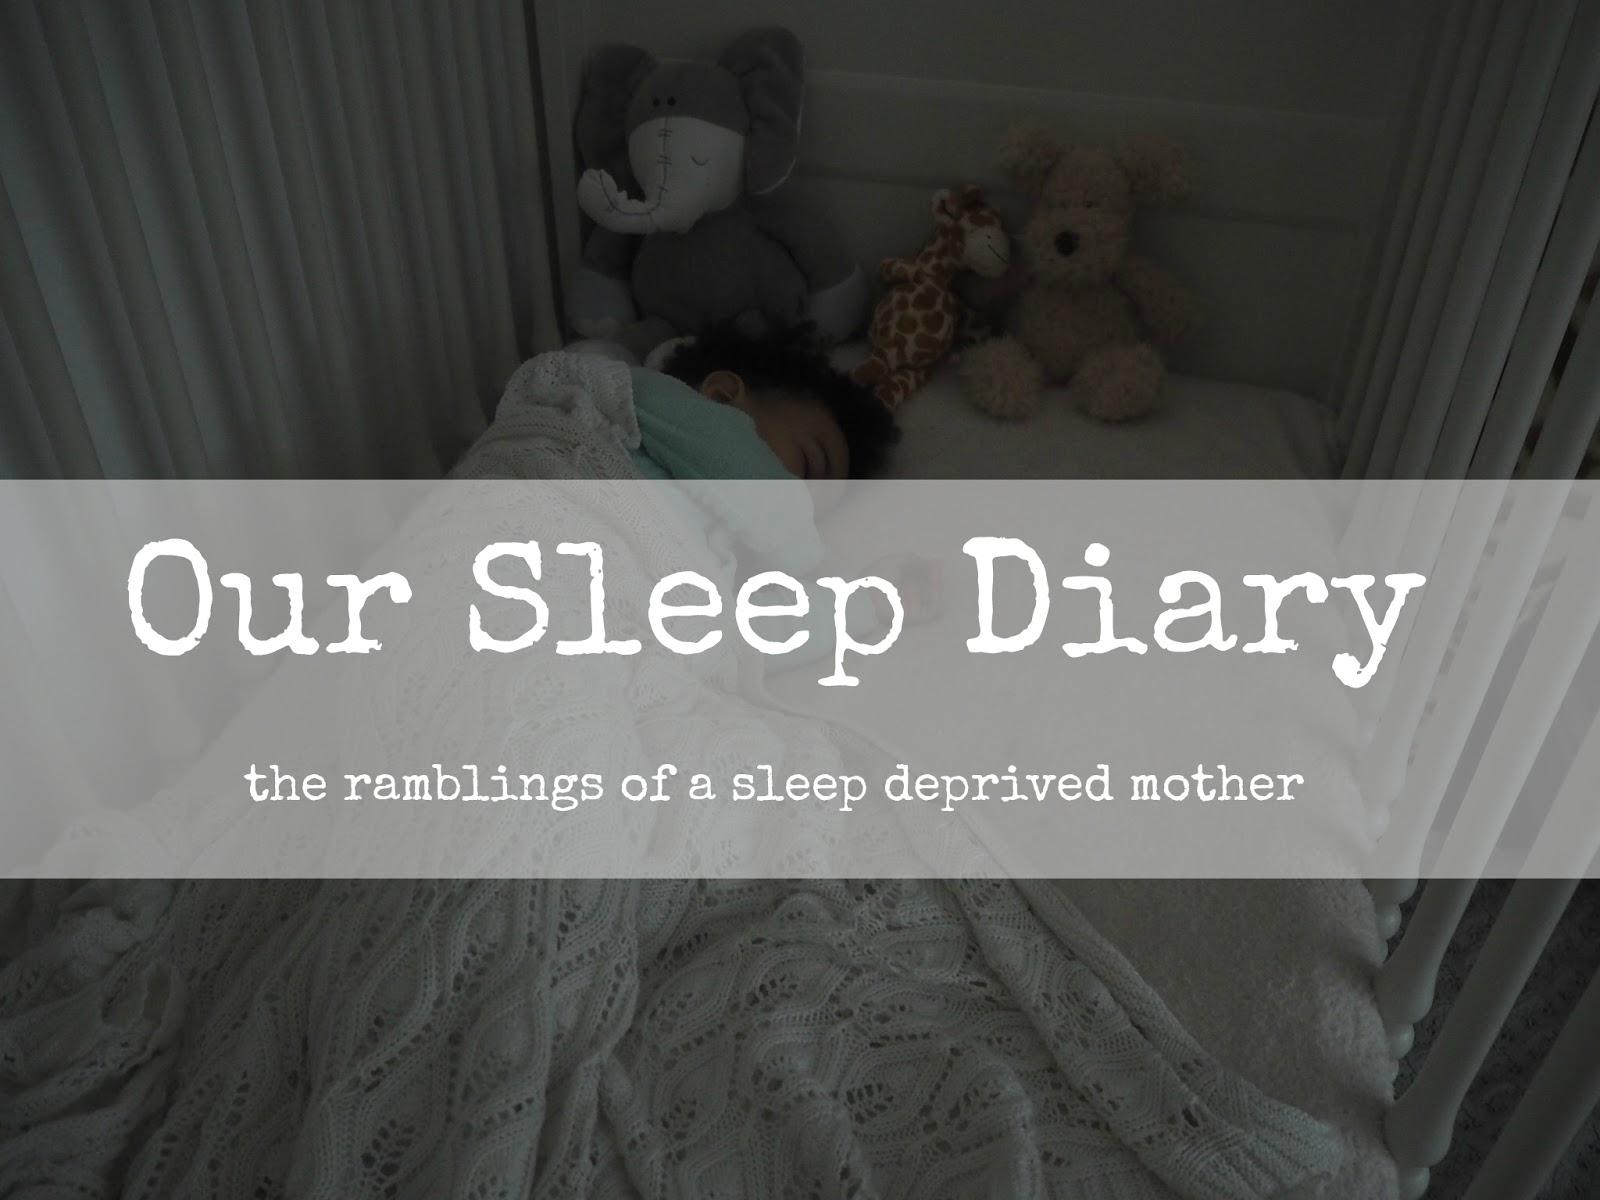 Our Sleep Diary